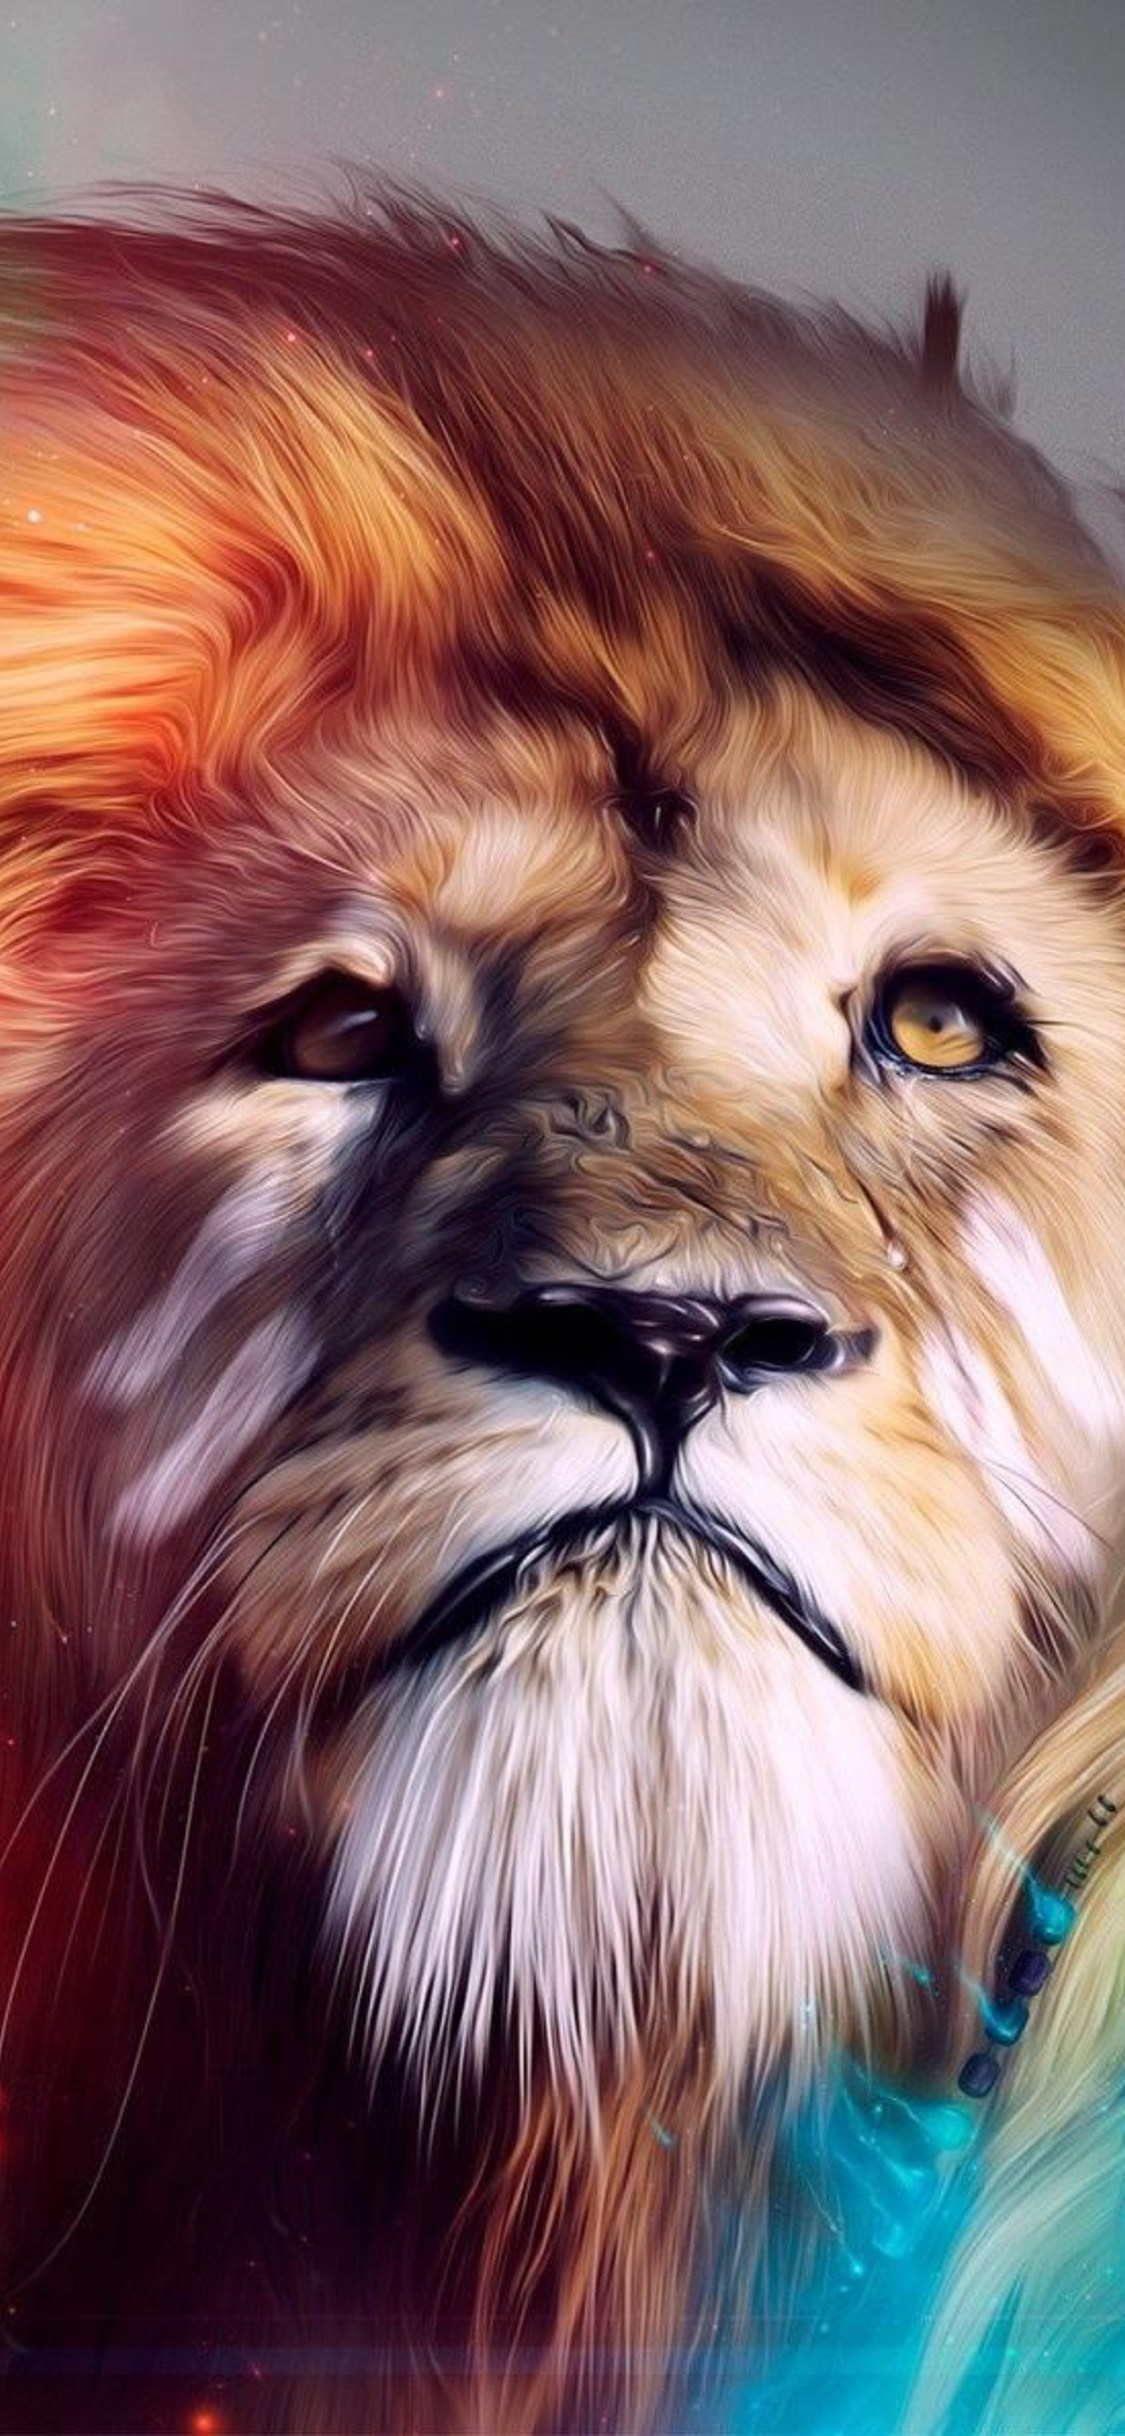 Beautiful Wallpapers For Apple Iphone X Leon De Judah